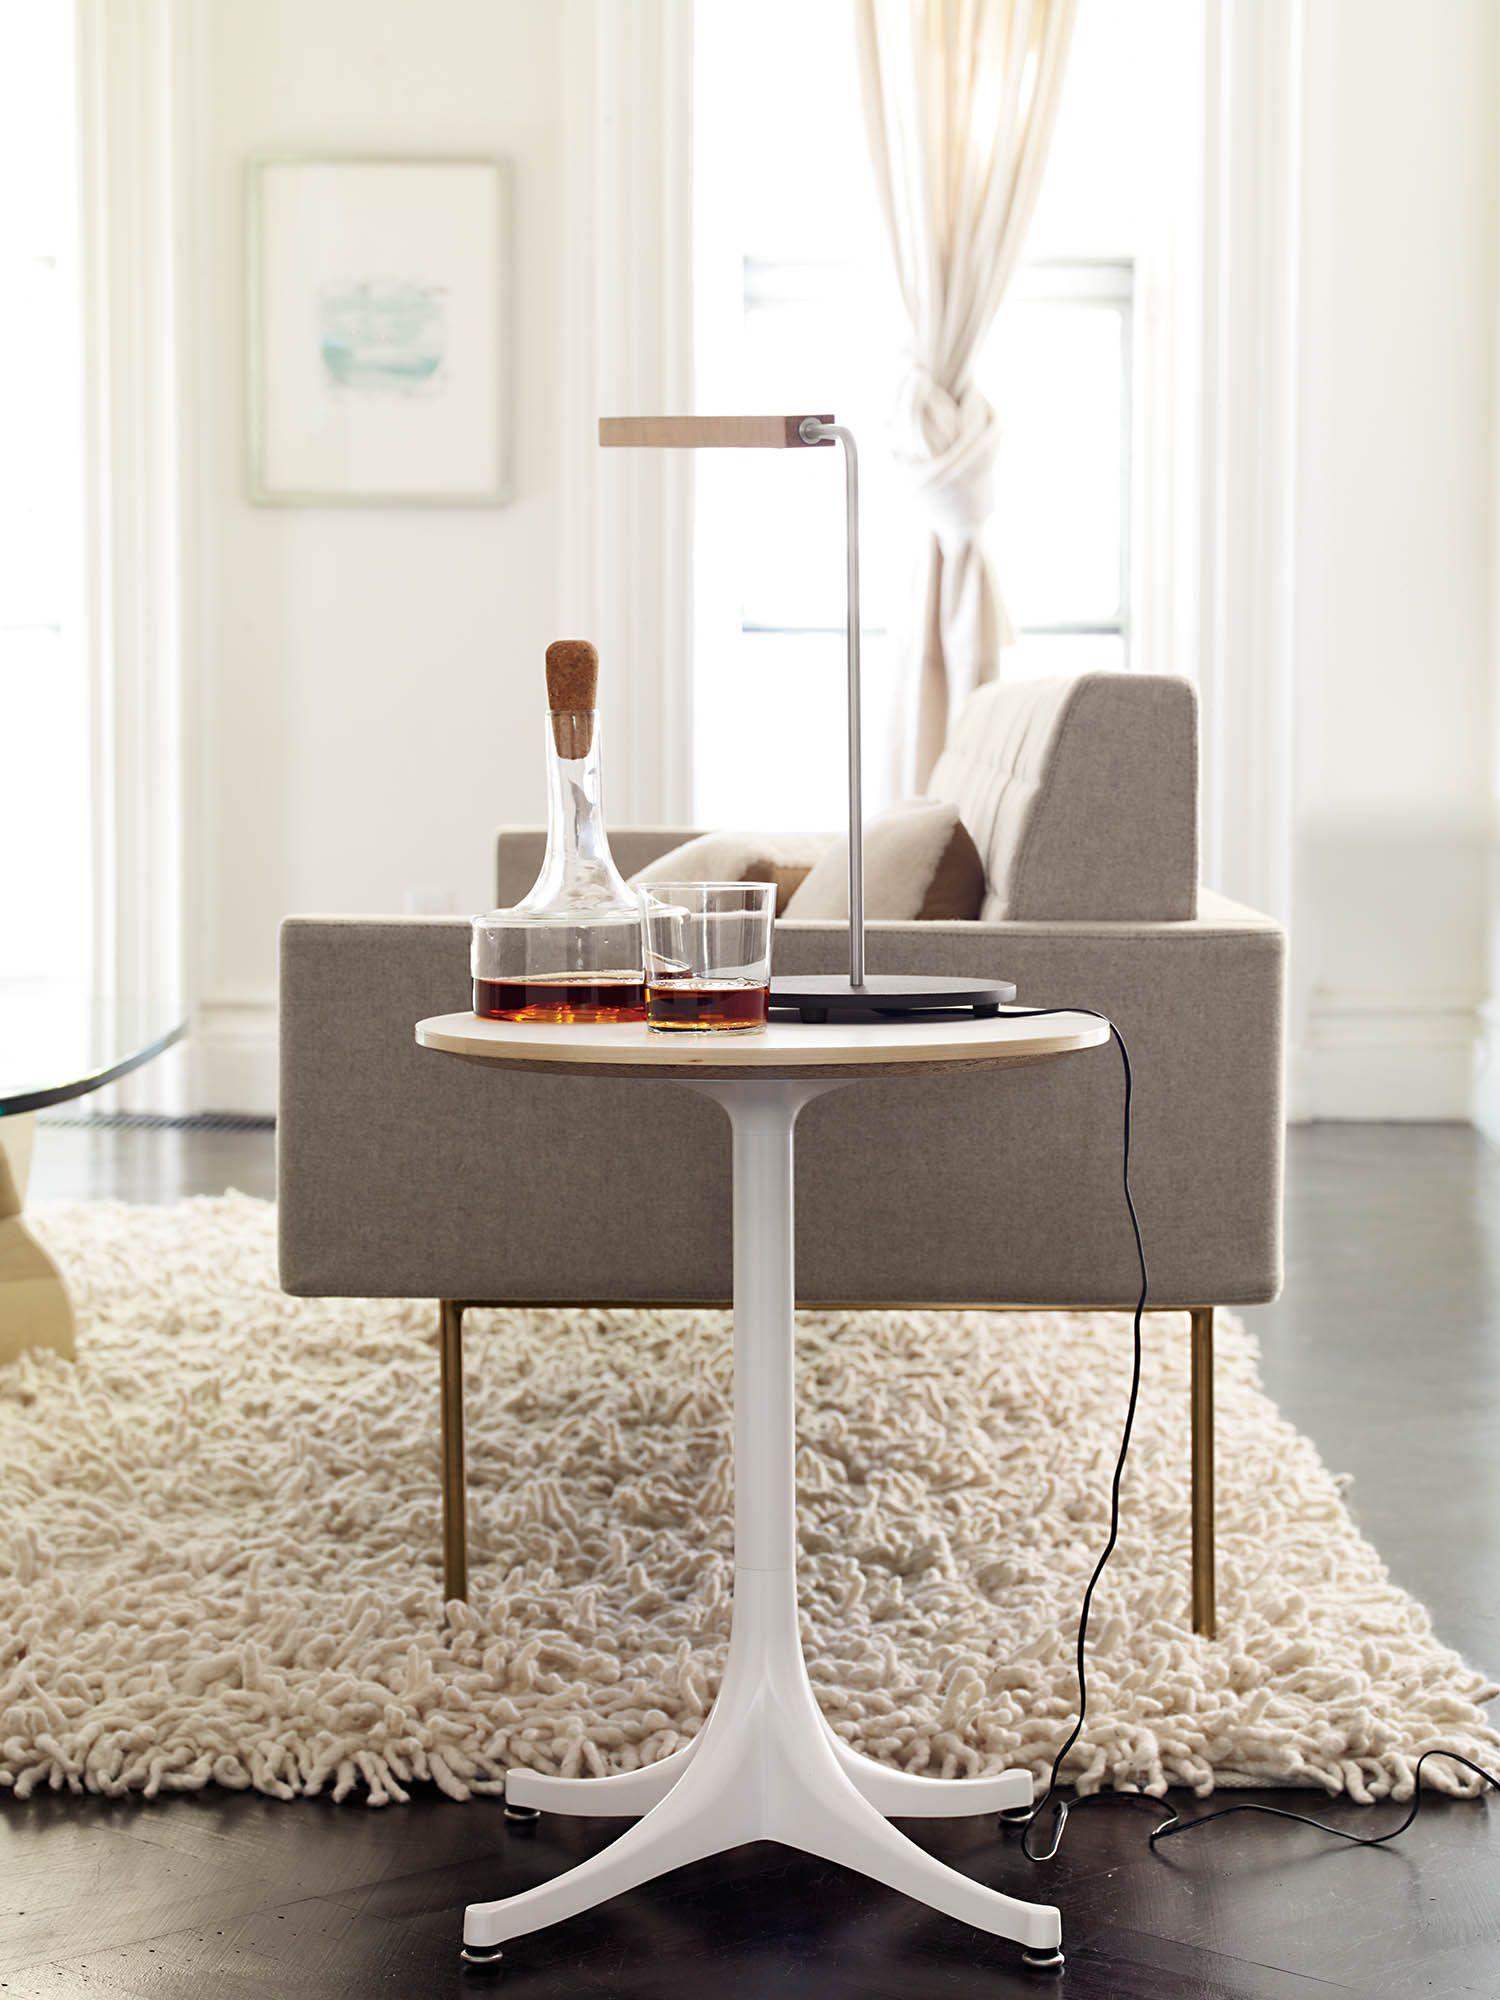 Nelson Table 5451 Beistelltisch Von Vitra. Der Designklassiker, Entworfen  Von George Nelson Im Mid